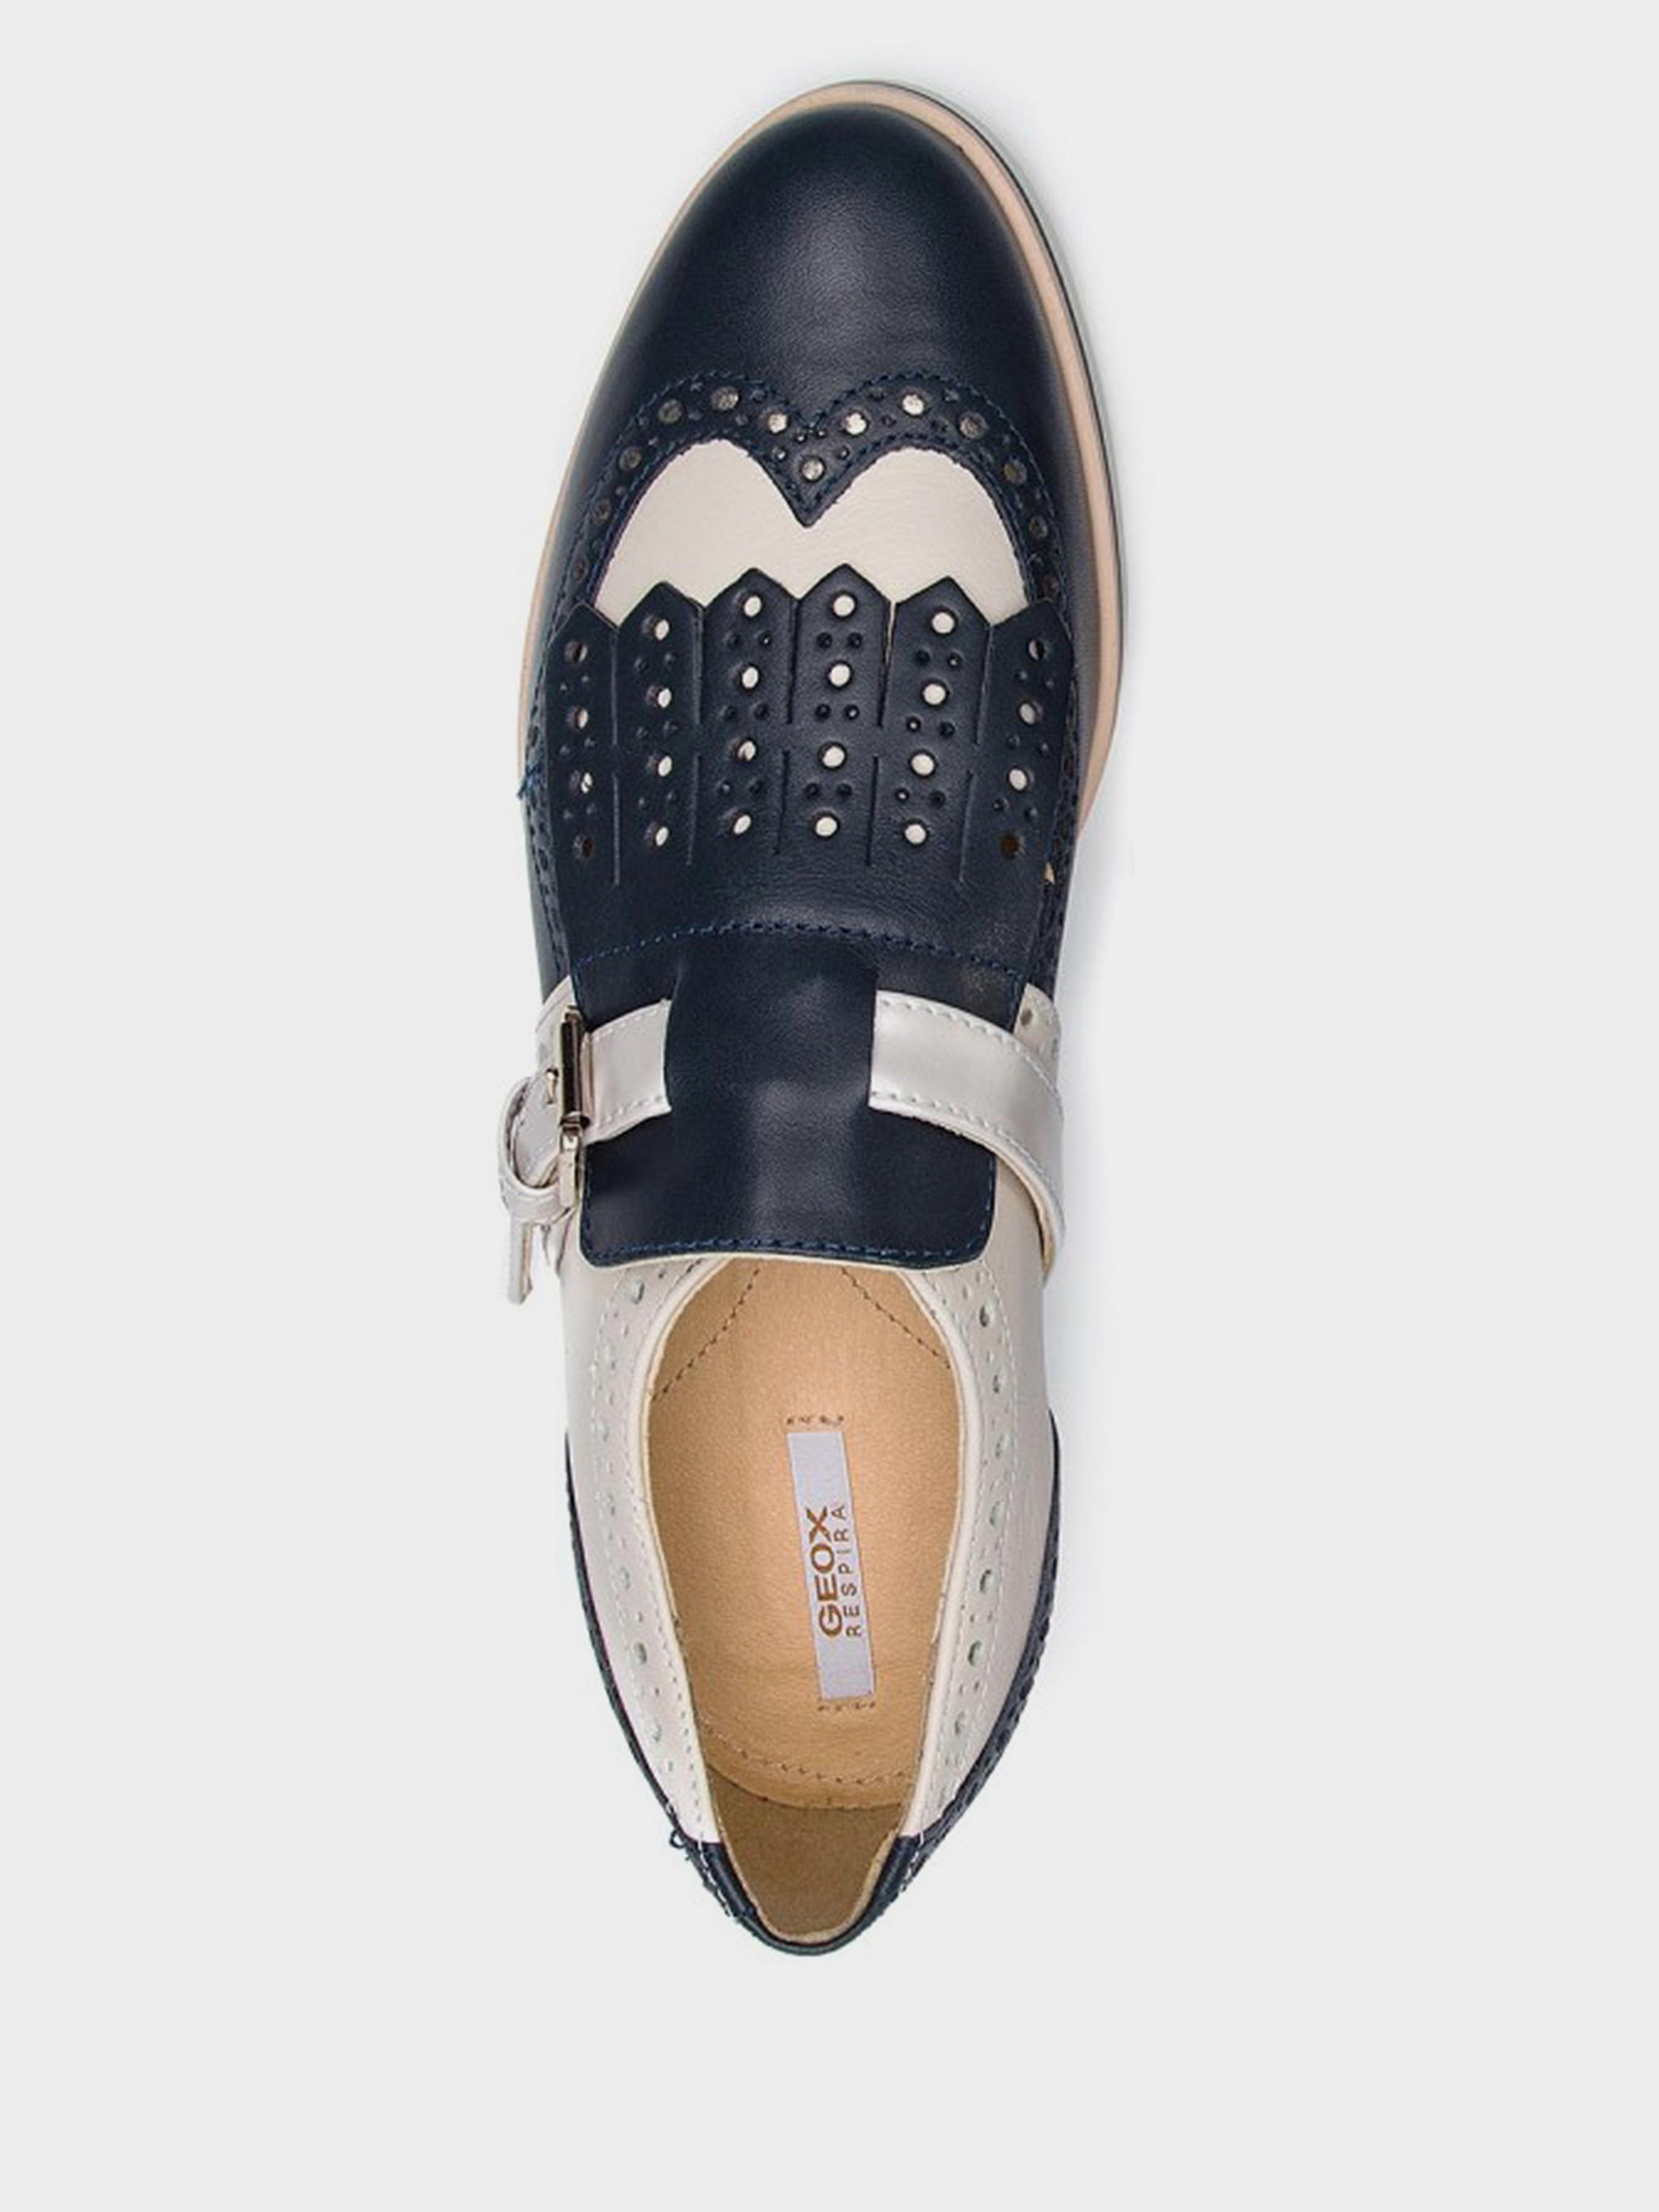 Полуботинки для женщин Geox D JANALEE B - VIT.LISCIO+NAPPA XW3292 обувь бренда, 2017